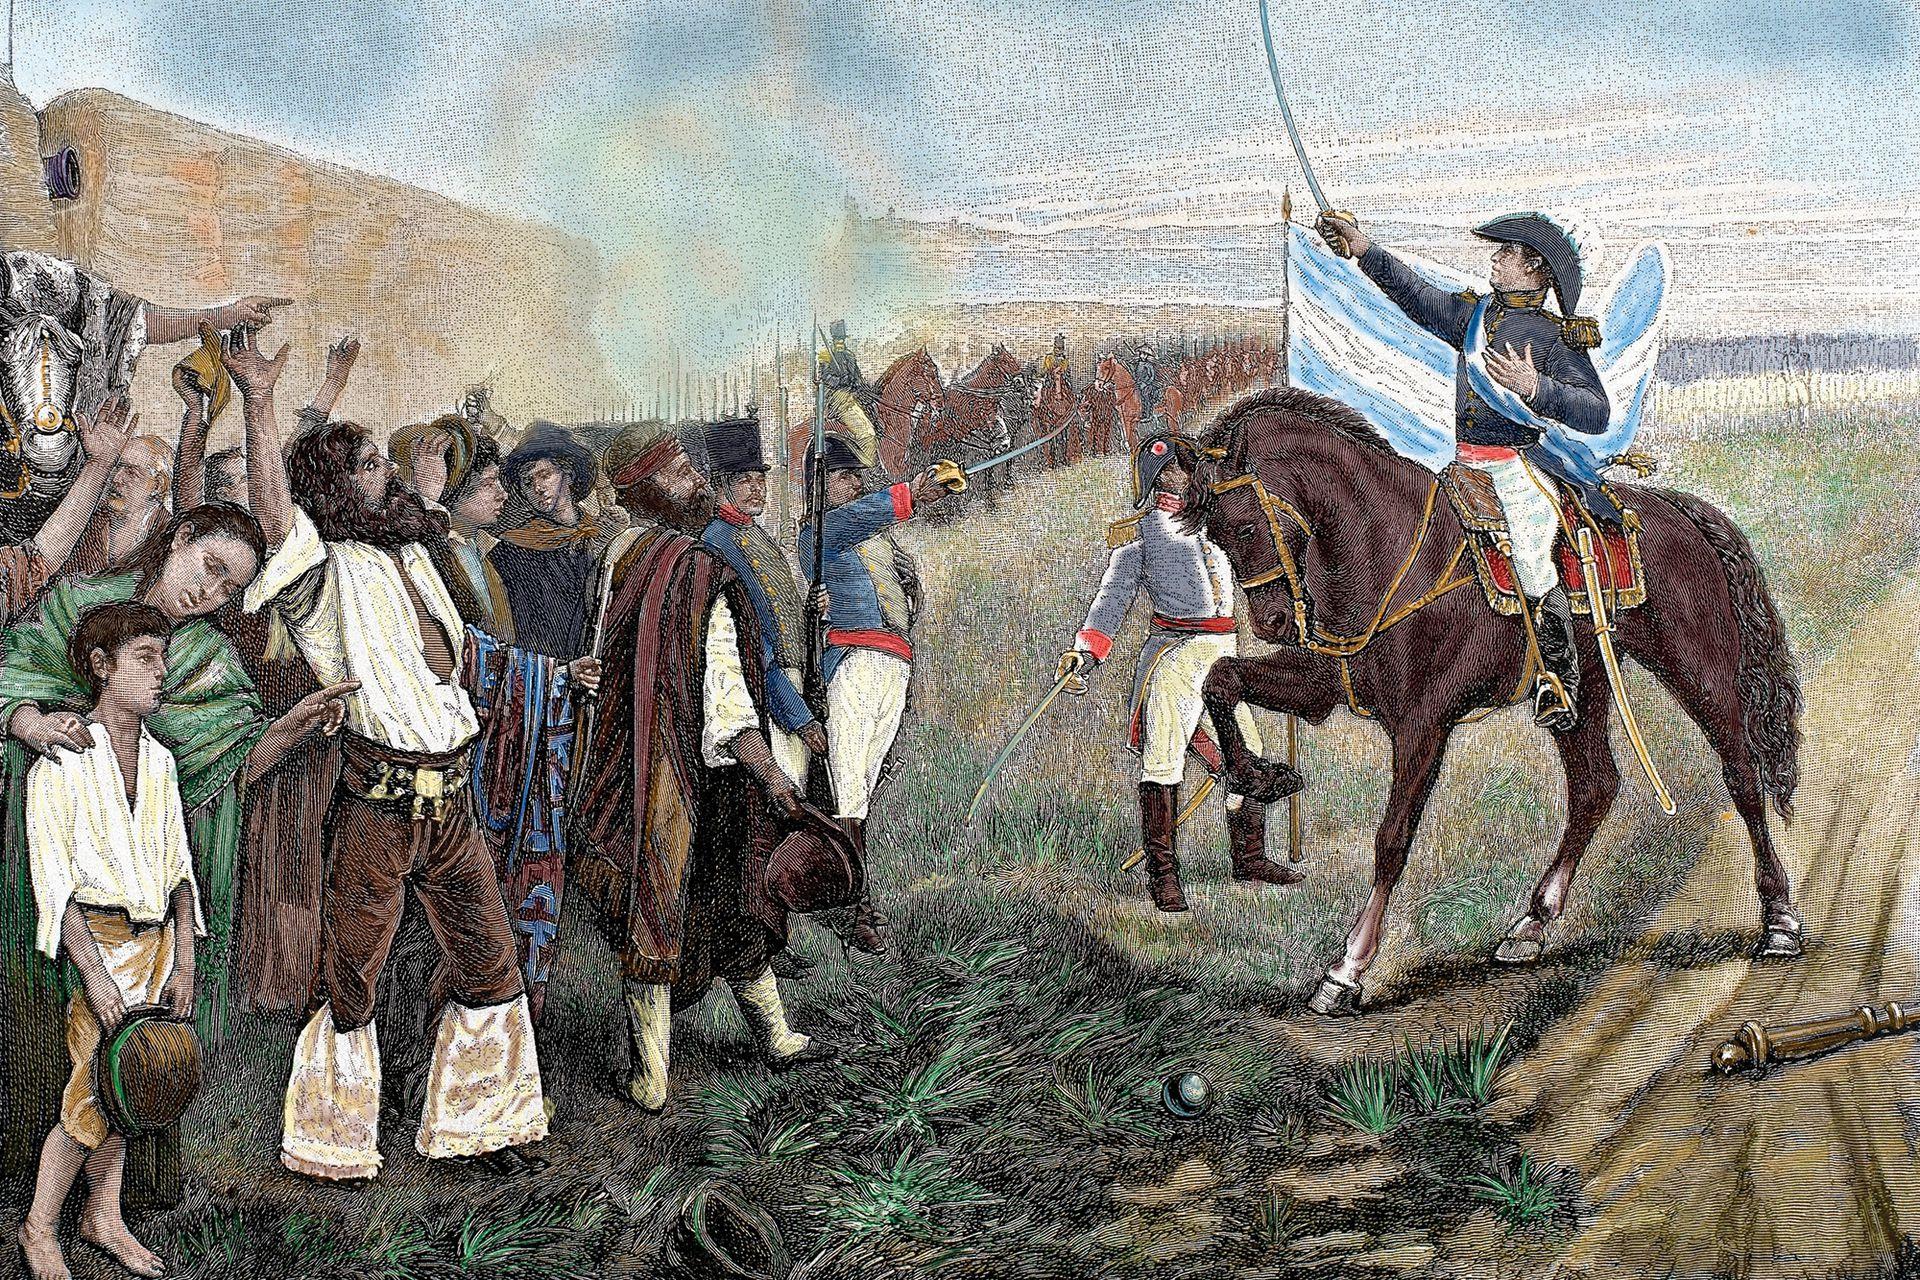 Grabado coloreado del siglo XIX: Belgrano presenta la Bandera de la Argentina a la armada revolucionaria, el 27 de febrero de 1812